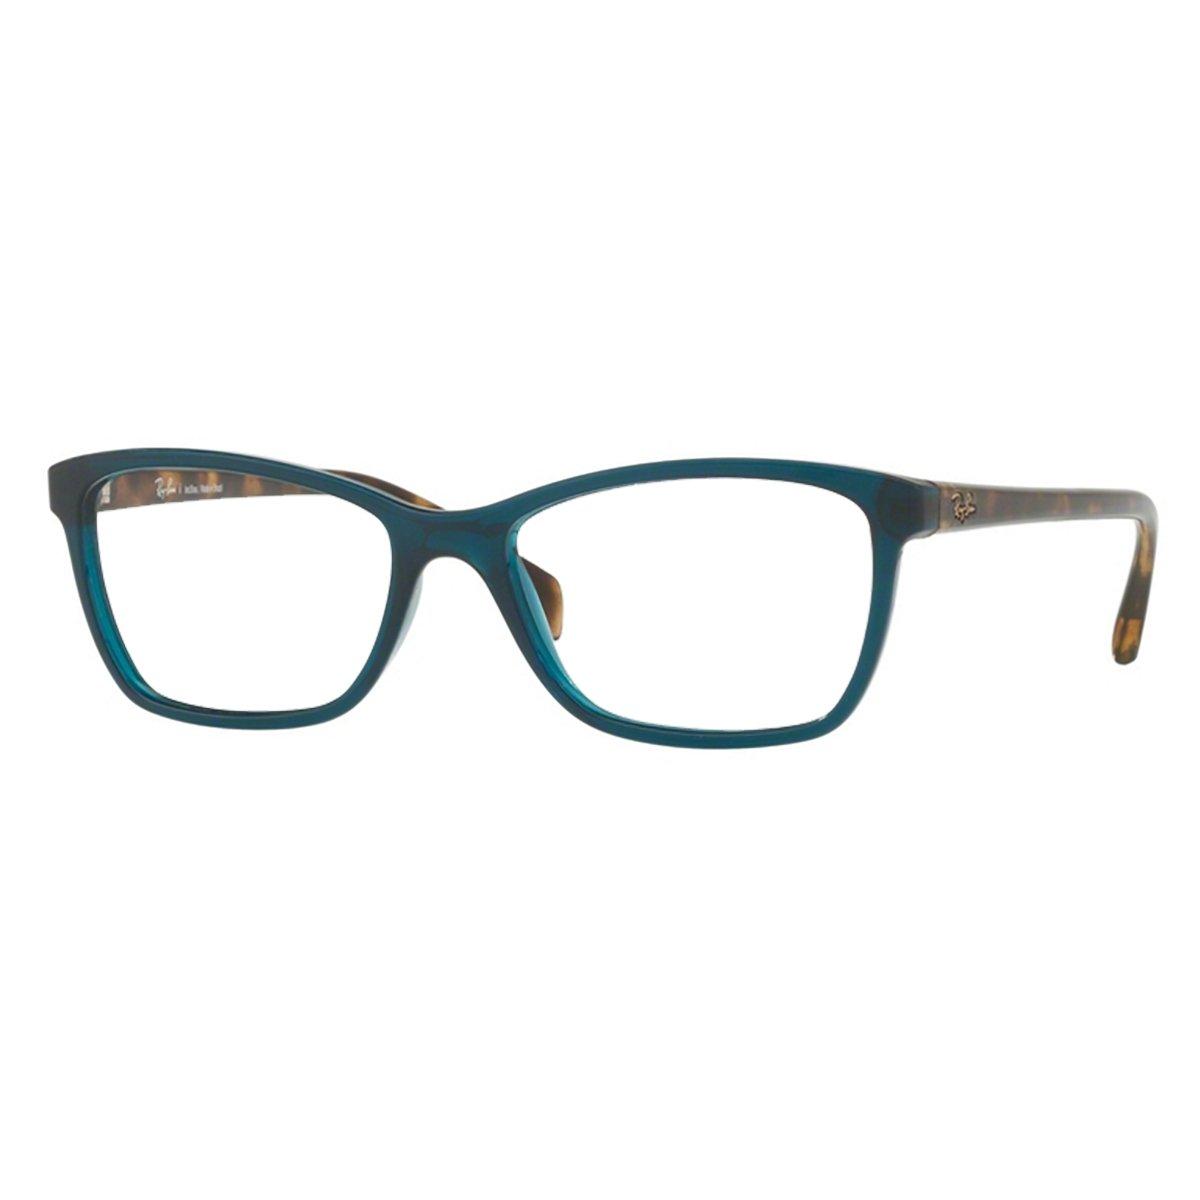 077abdbb4a28a Compre Óculos de Grau Ray Ban em 10X